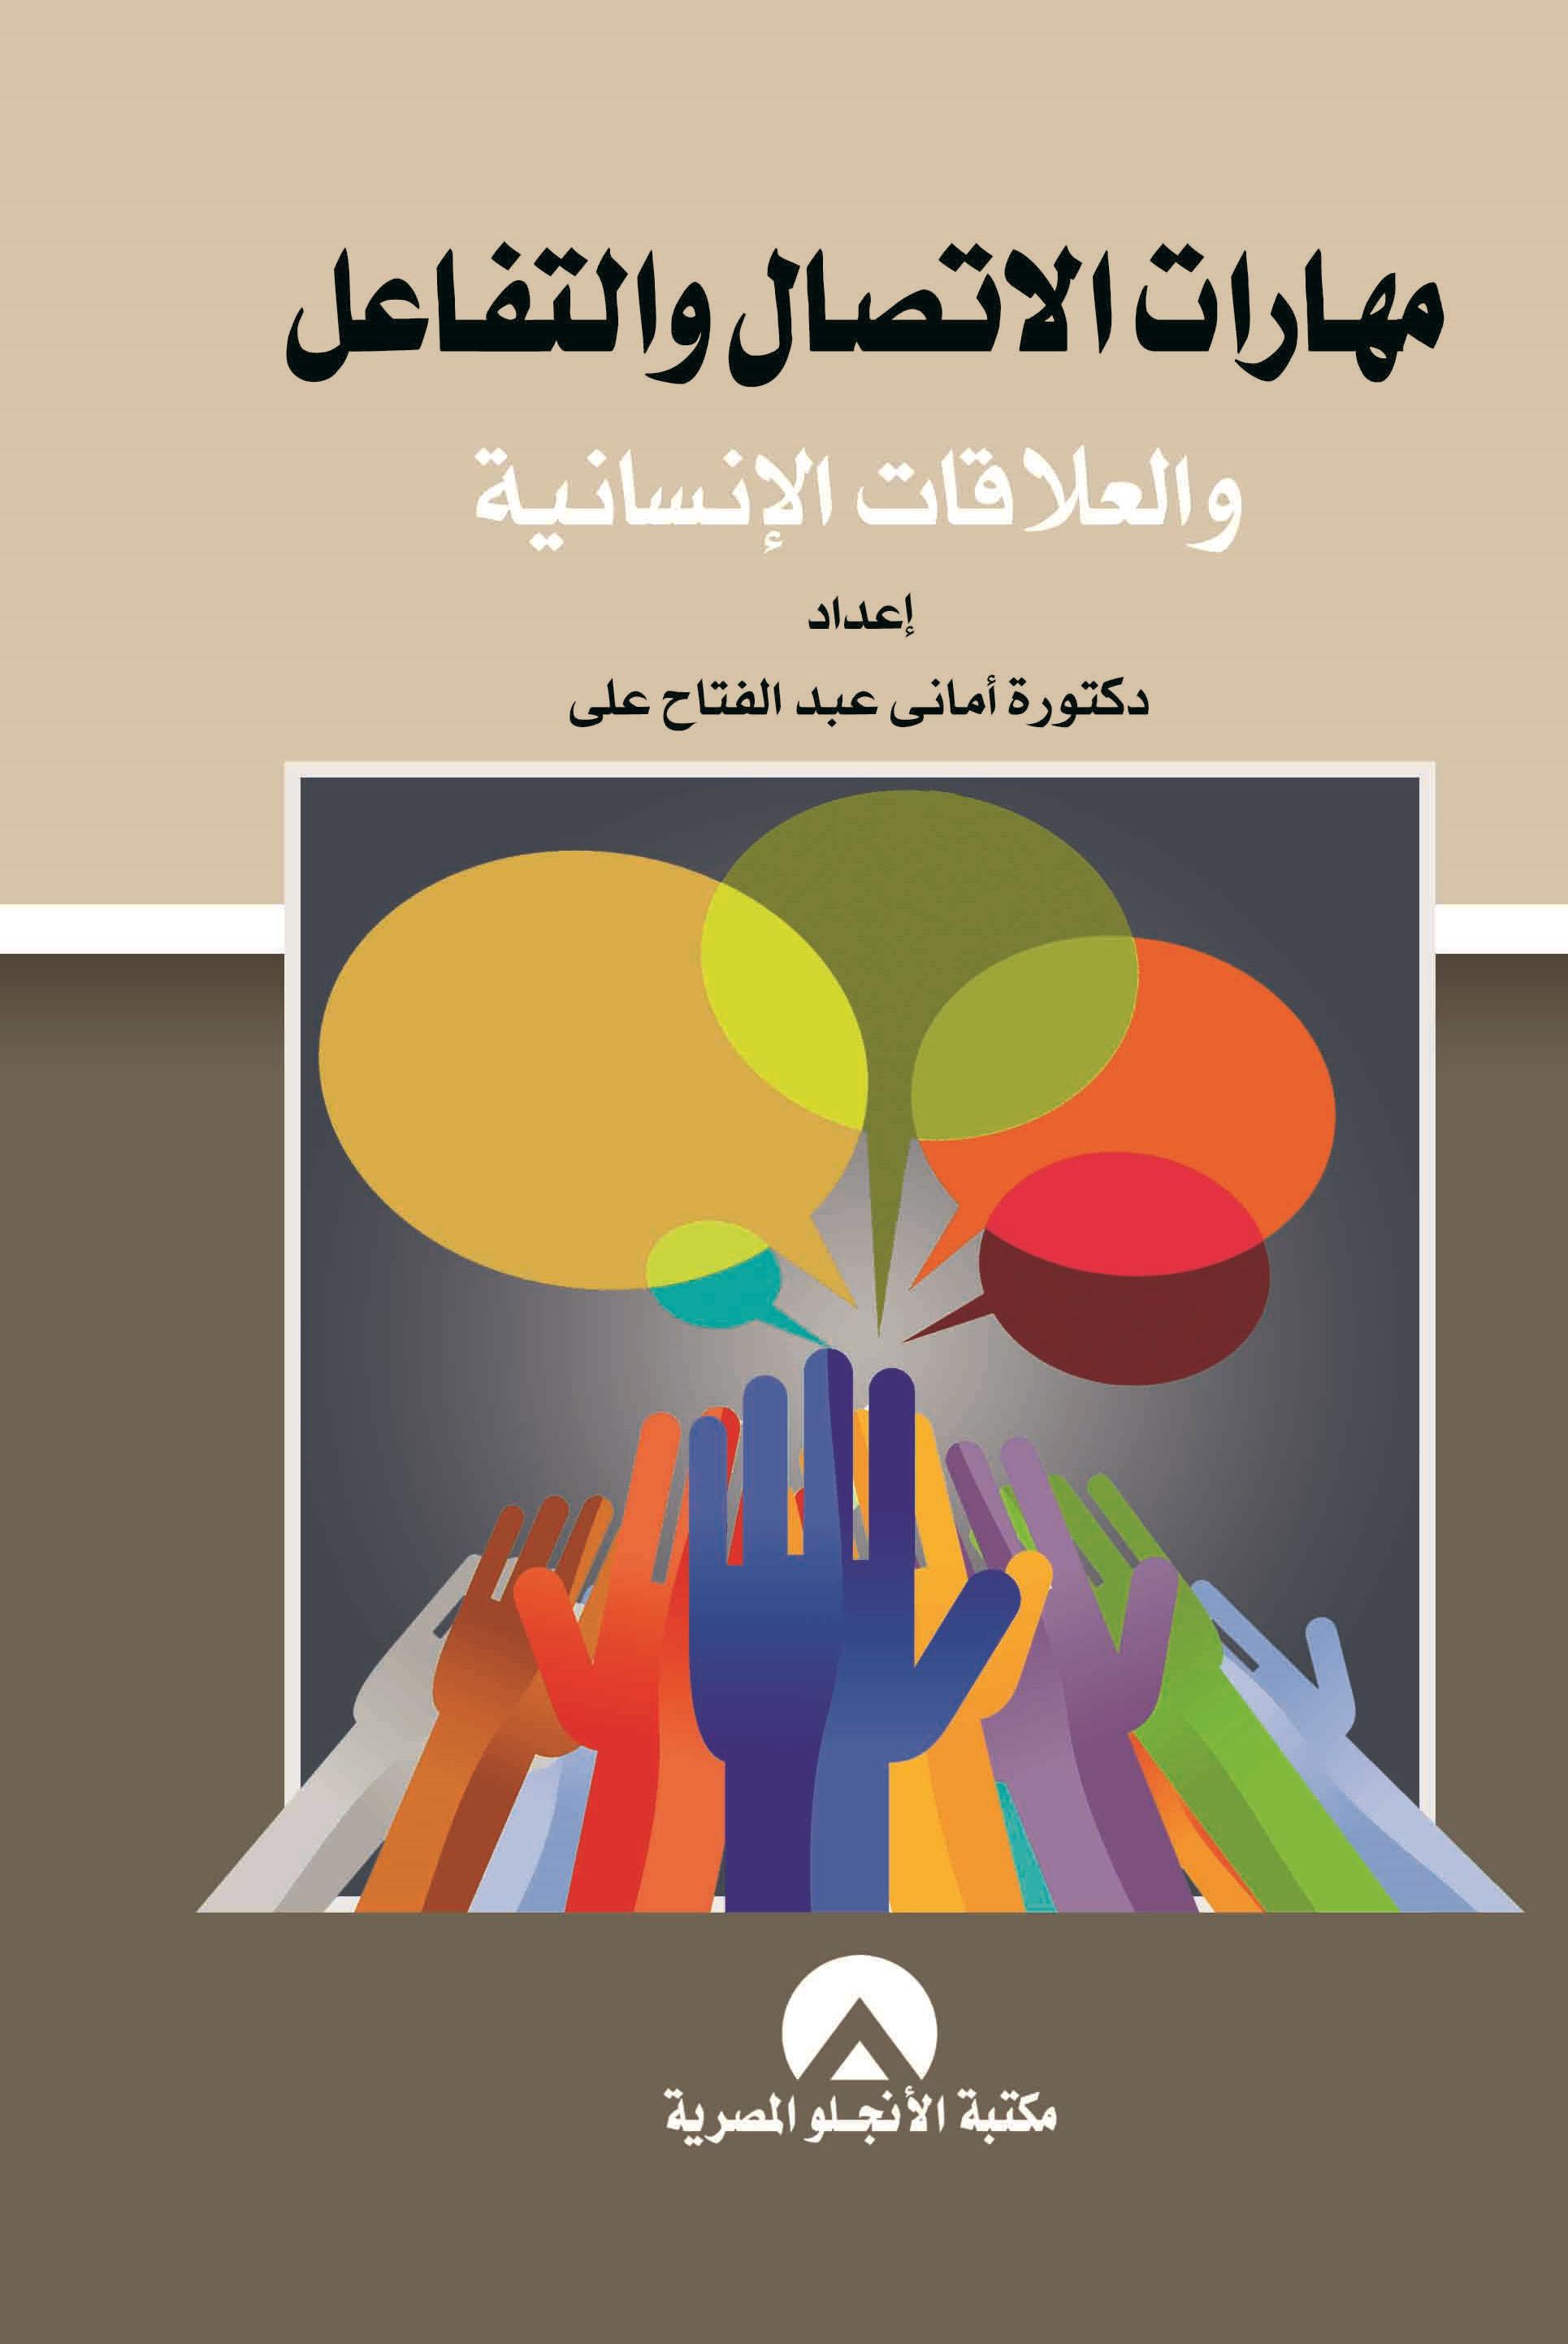 مهارات الاتصال والتفاعل والعلاقات الإنسانية